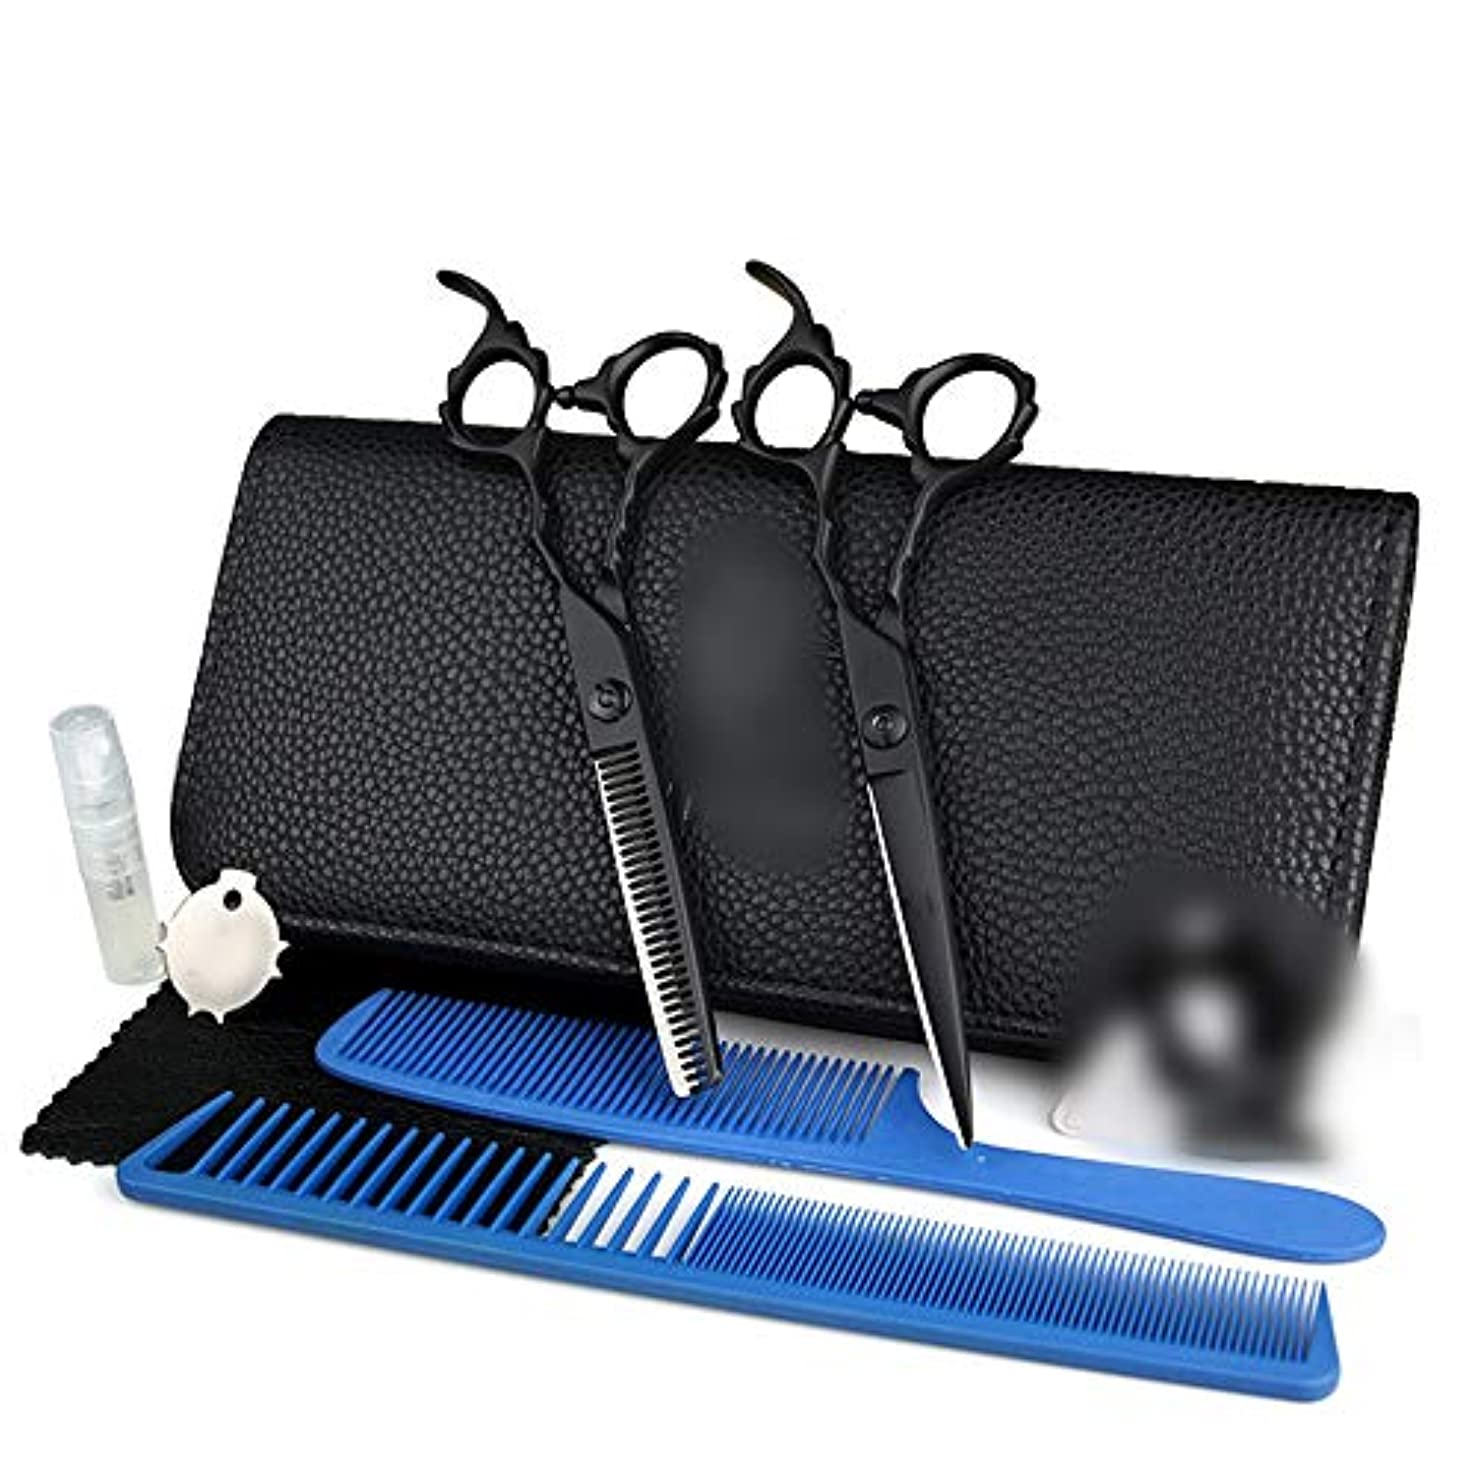 Goodsok-jp 6.0インチの毛の専門の黒く平らな歯のはさみははさみ用具を置きました (色 : 黒)